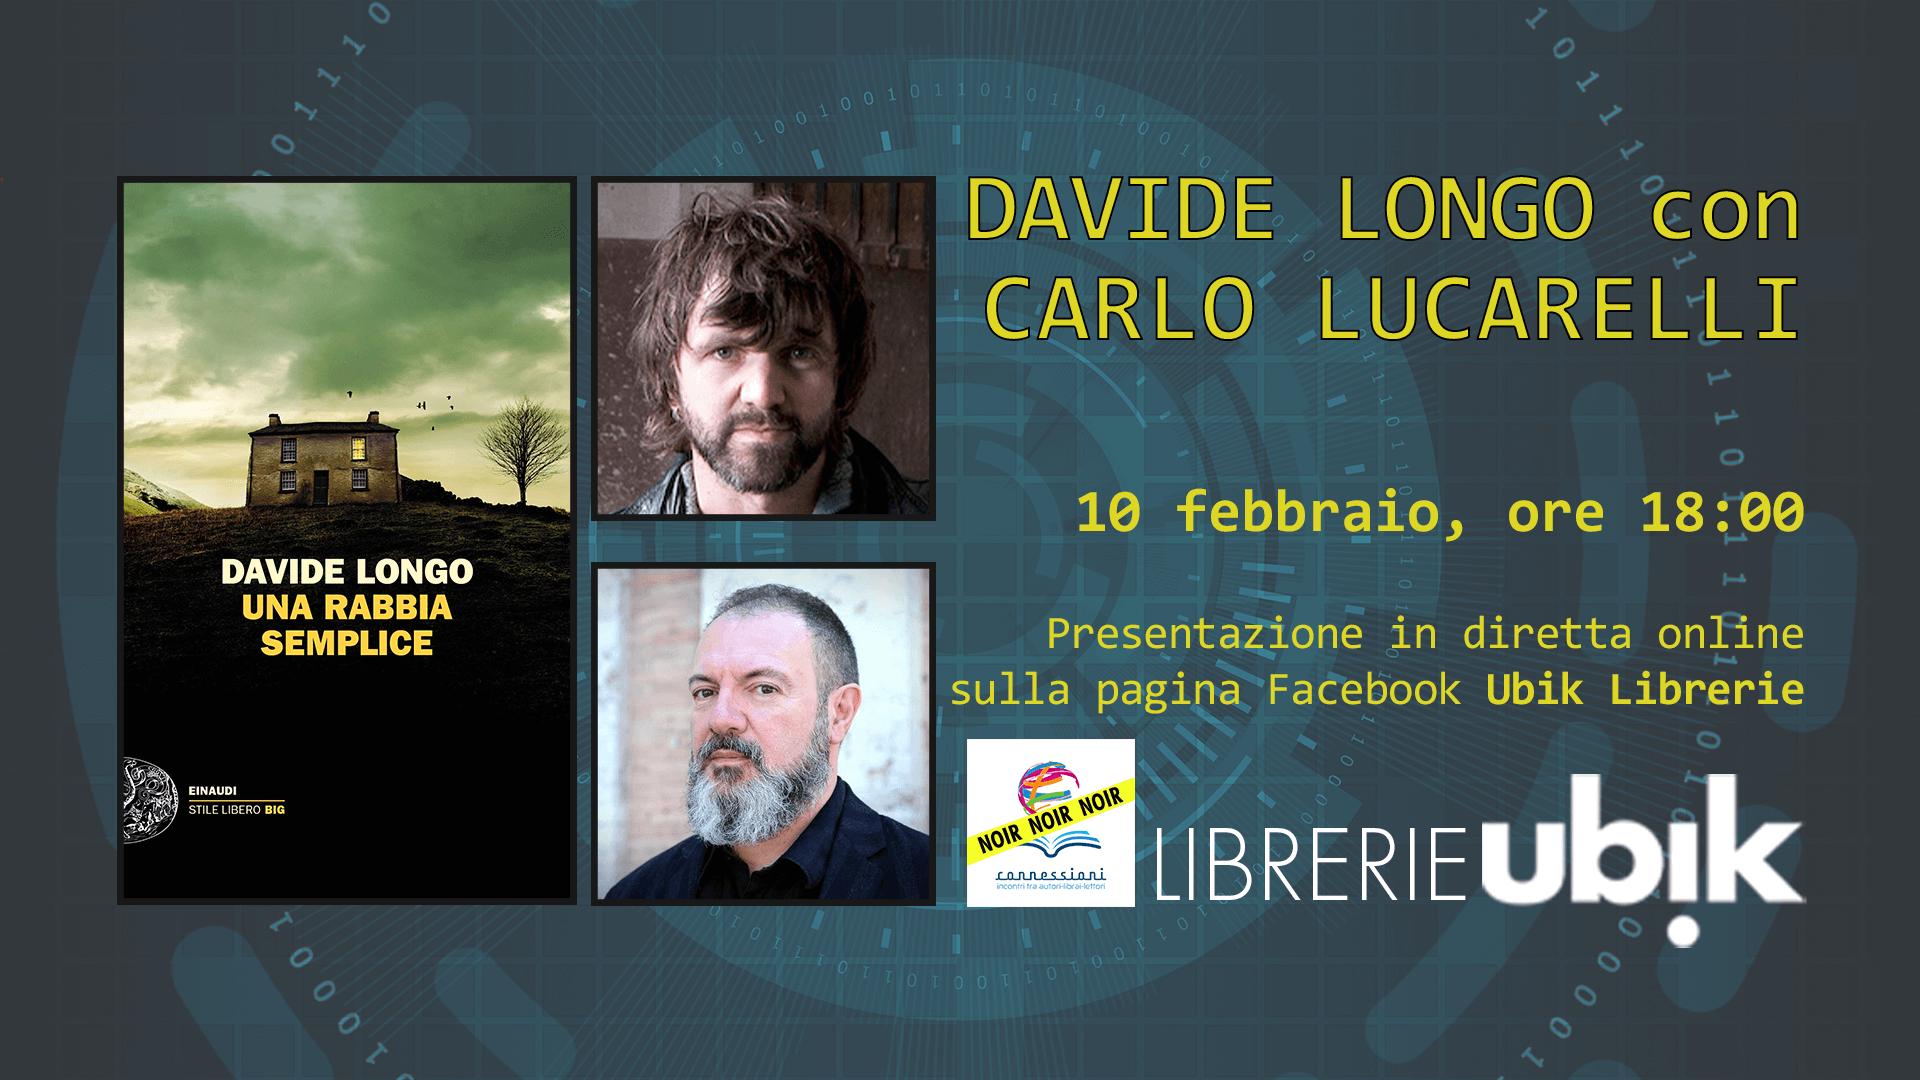 DAVIDE LONGO con CARLO LUCARELLI presenta